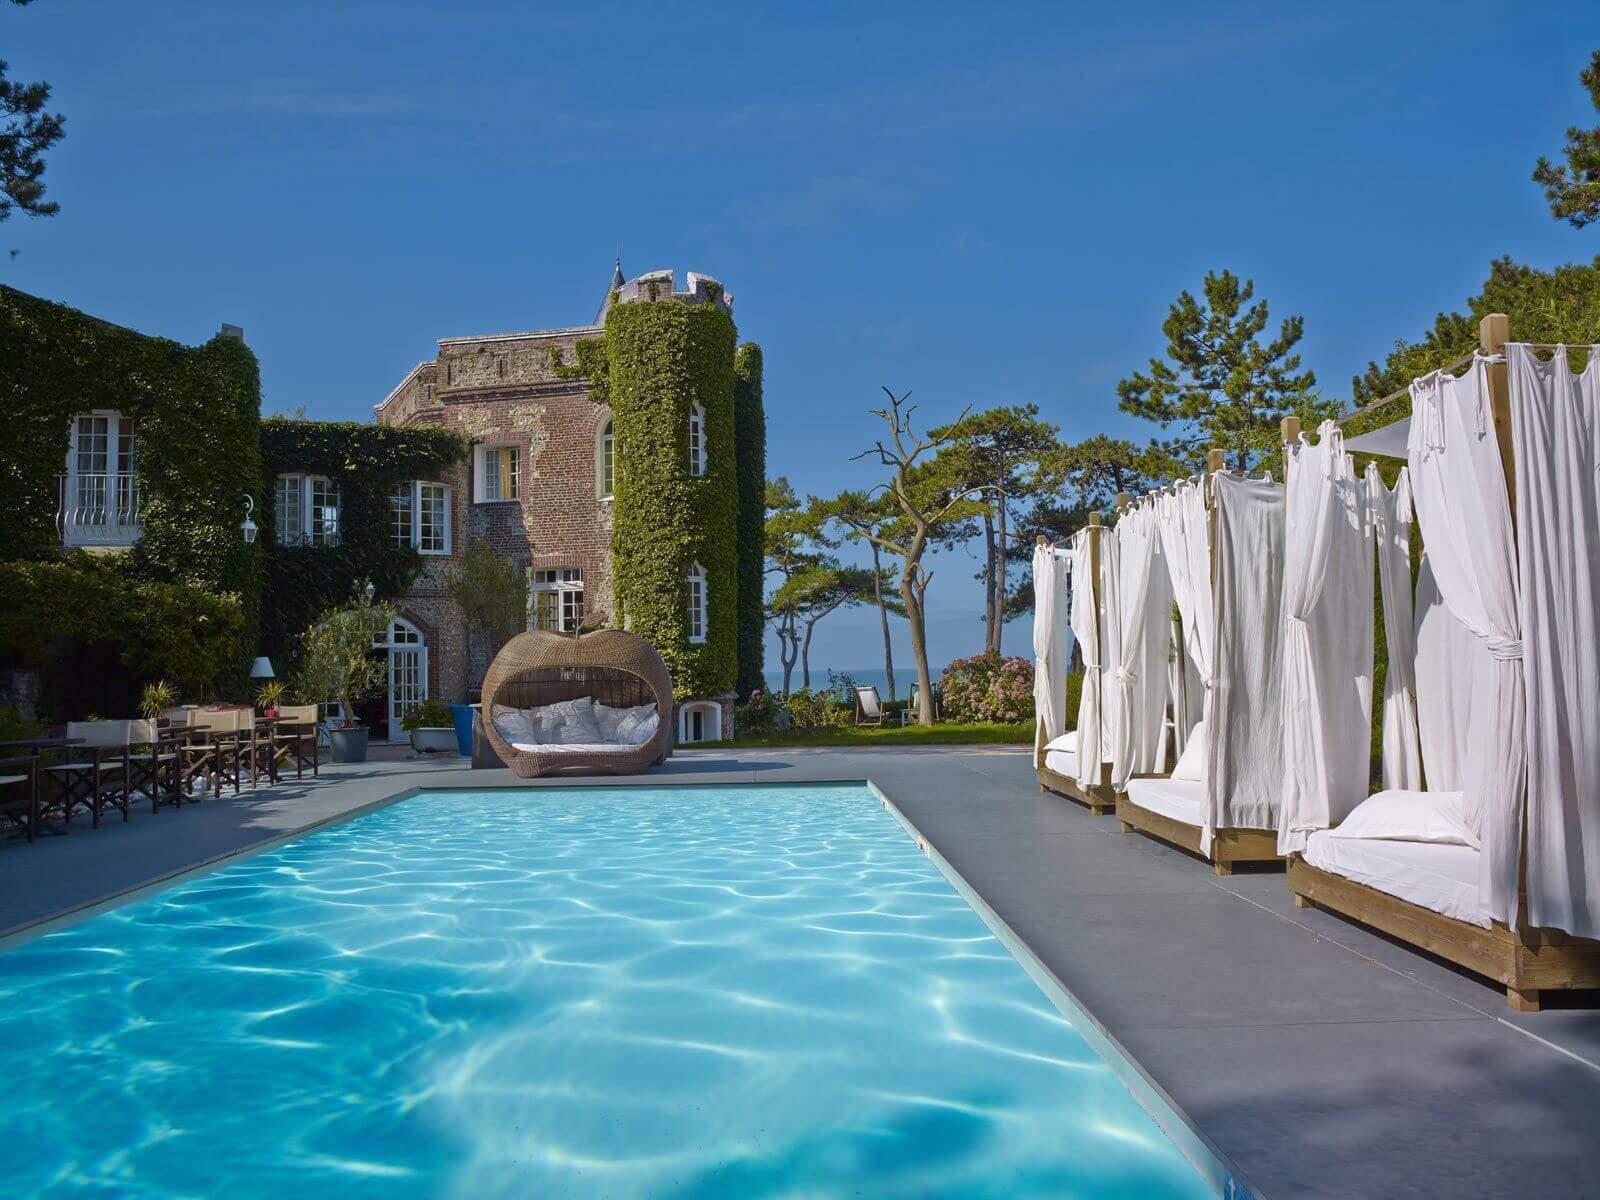 Golf-Expedition-Golf-Reizen-Frankrijk-Regio-Normandië-Domaine-Saint-Clair-zwembad-ligbedden